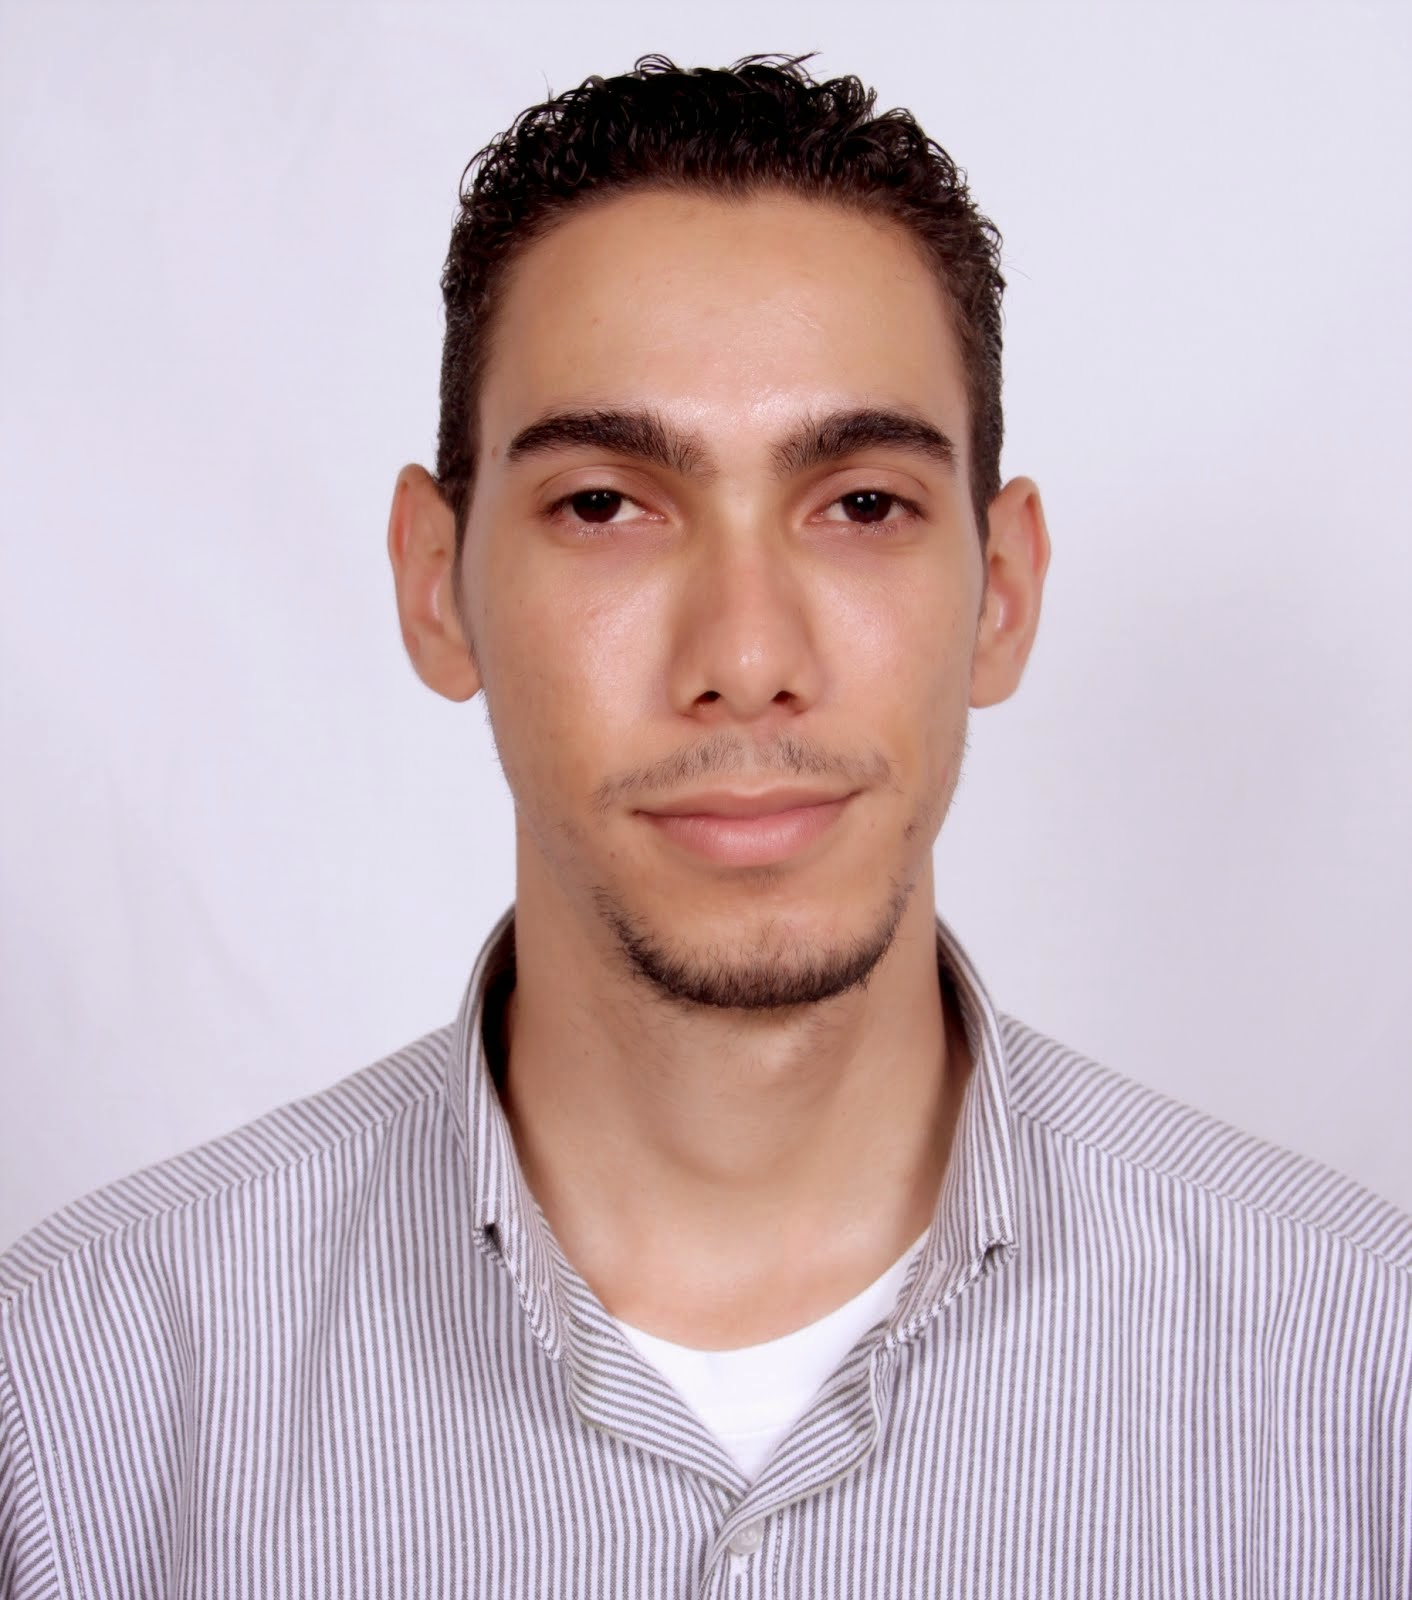 Adalberto Ygnacio